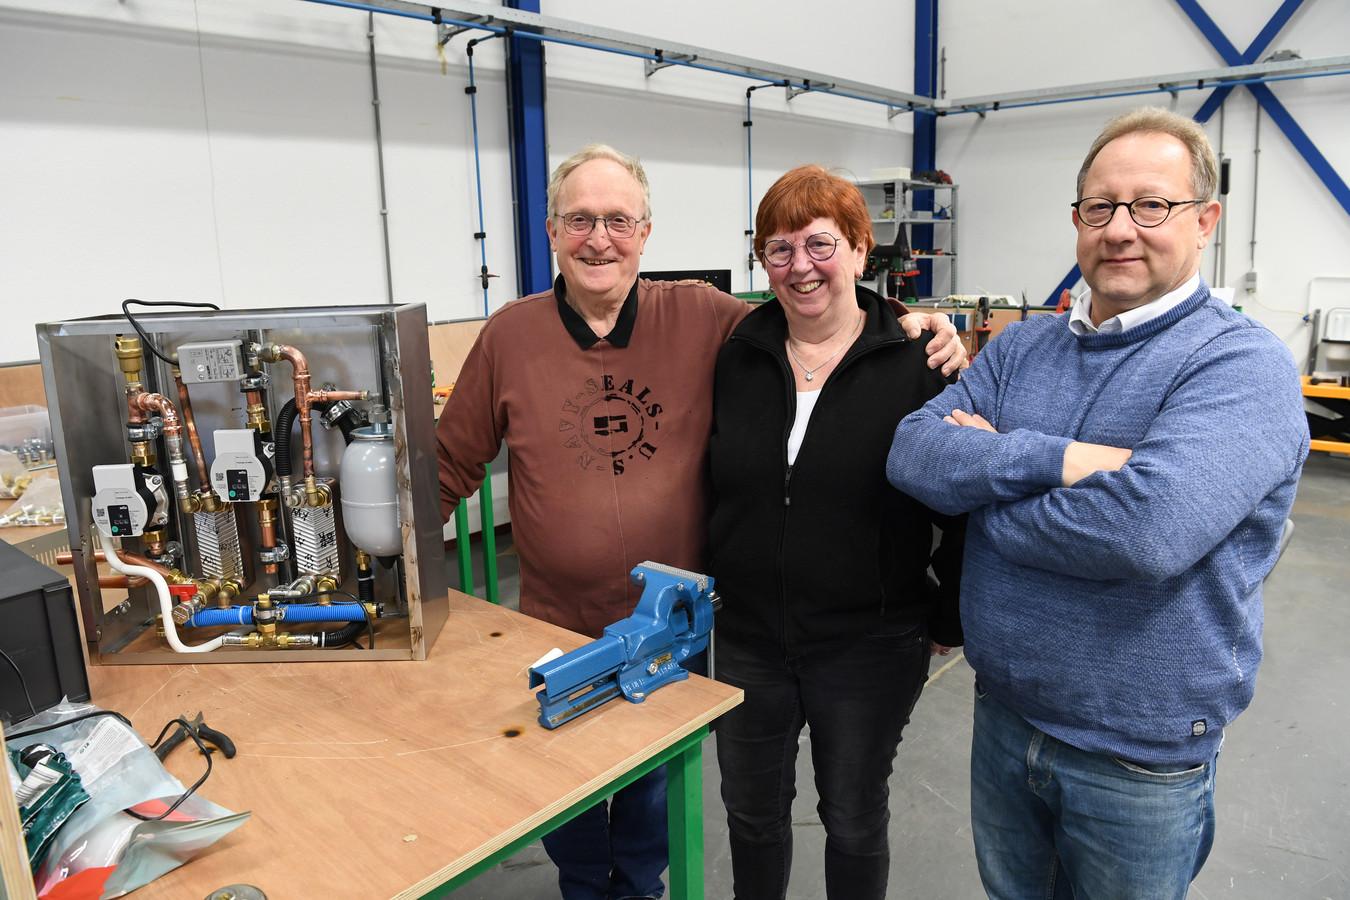 Henk Verhagen en zijn vrouw Willy Verhagen zijn trots op de uitvinding van de elektrische cv-ketel met inductie. Rechts zijn neef en CEO Eric Verhagen.